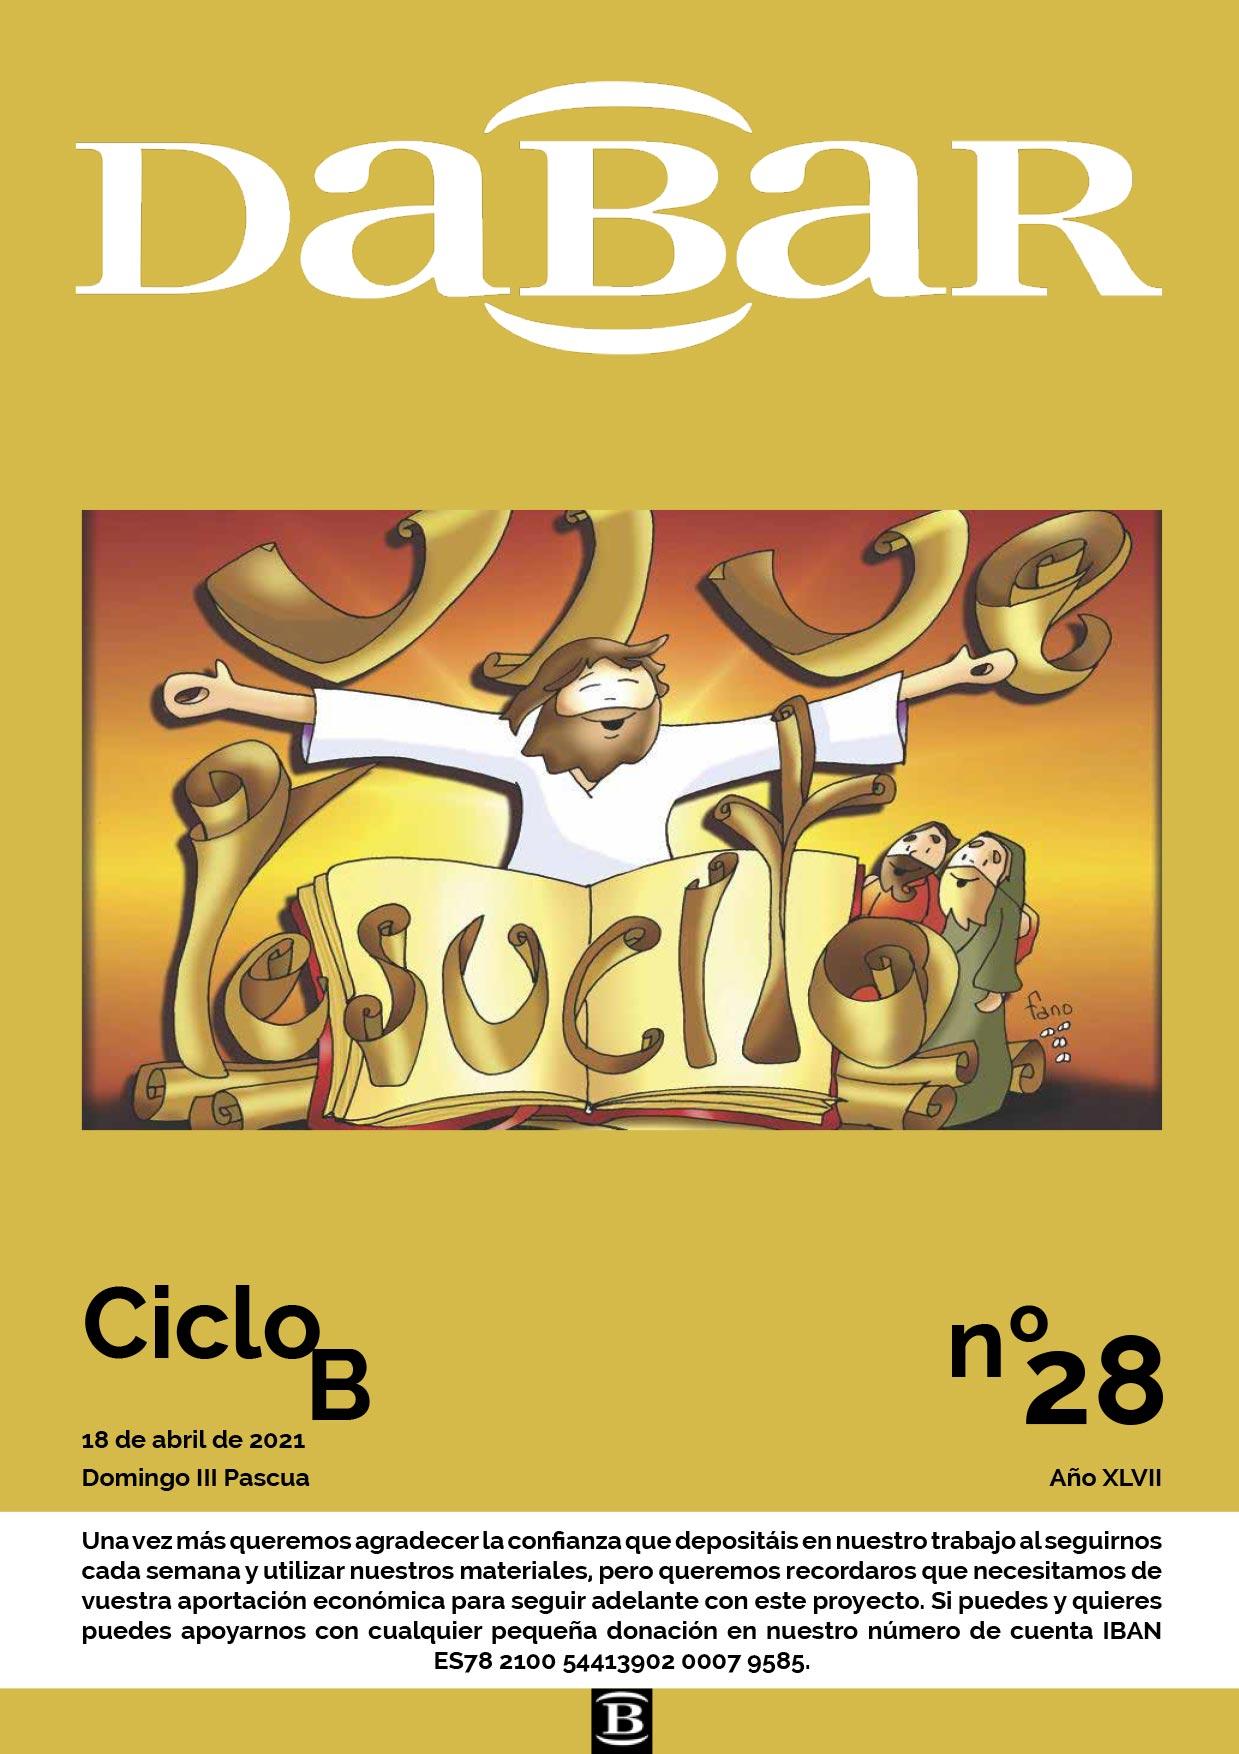 Dabar Revista numero 28 ciclo B